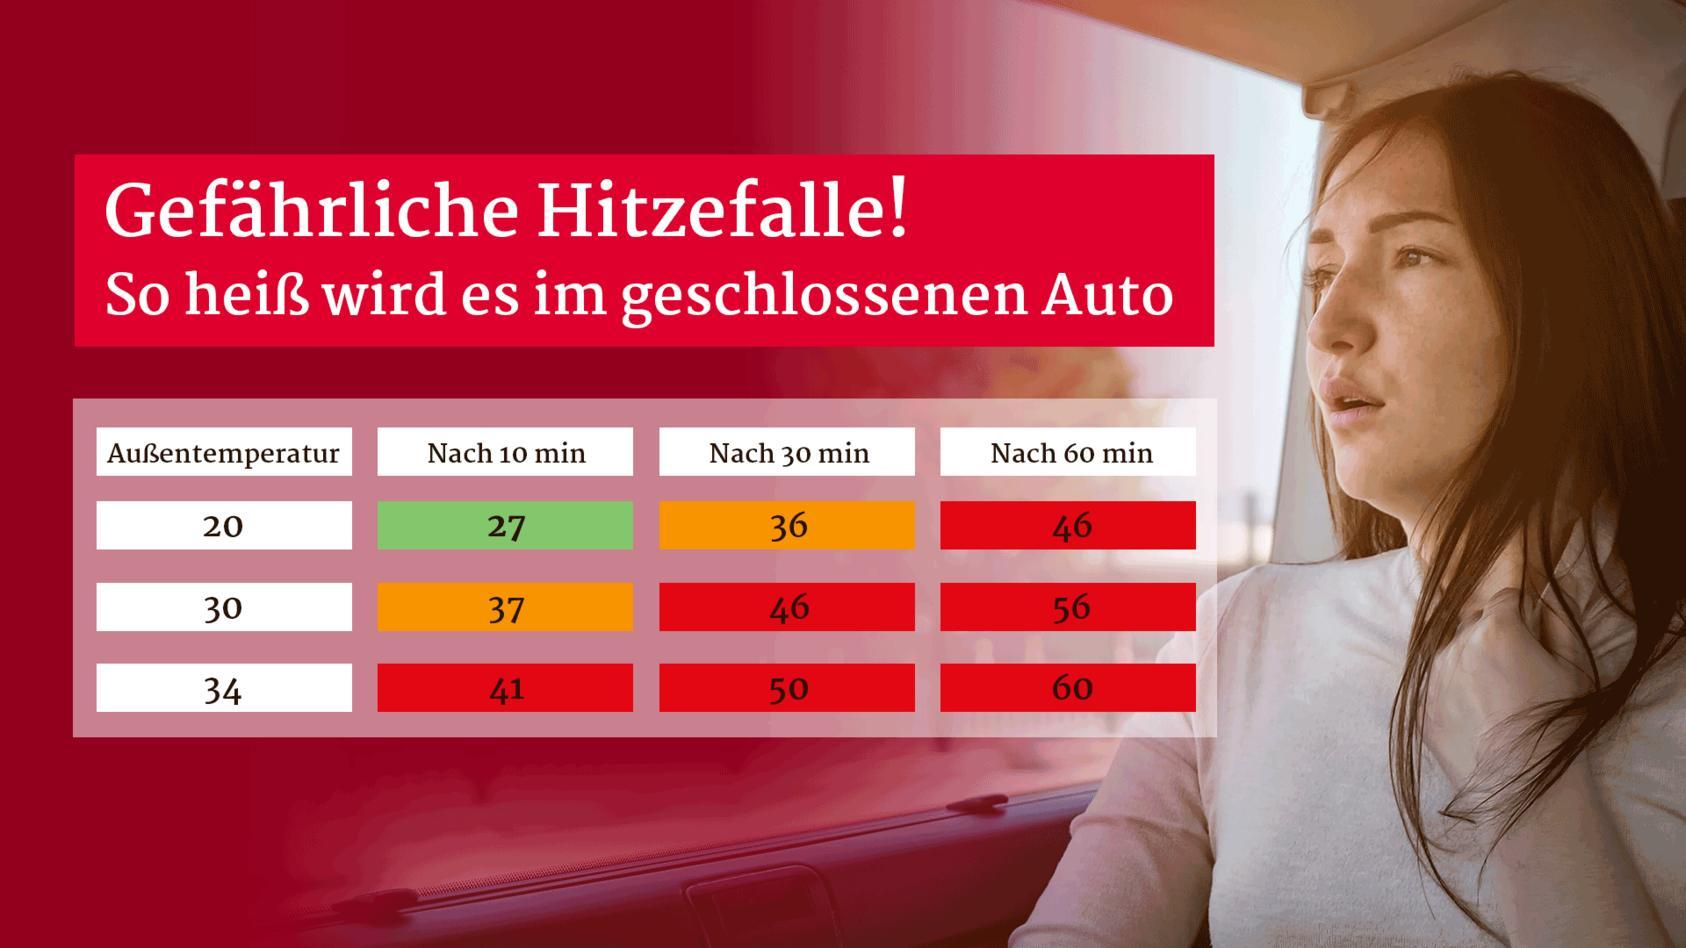 Tabelle zeigt, wie schnell sich die Temperatur im Auto aufheizt